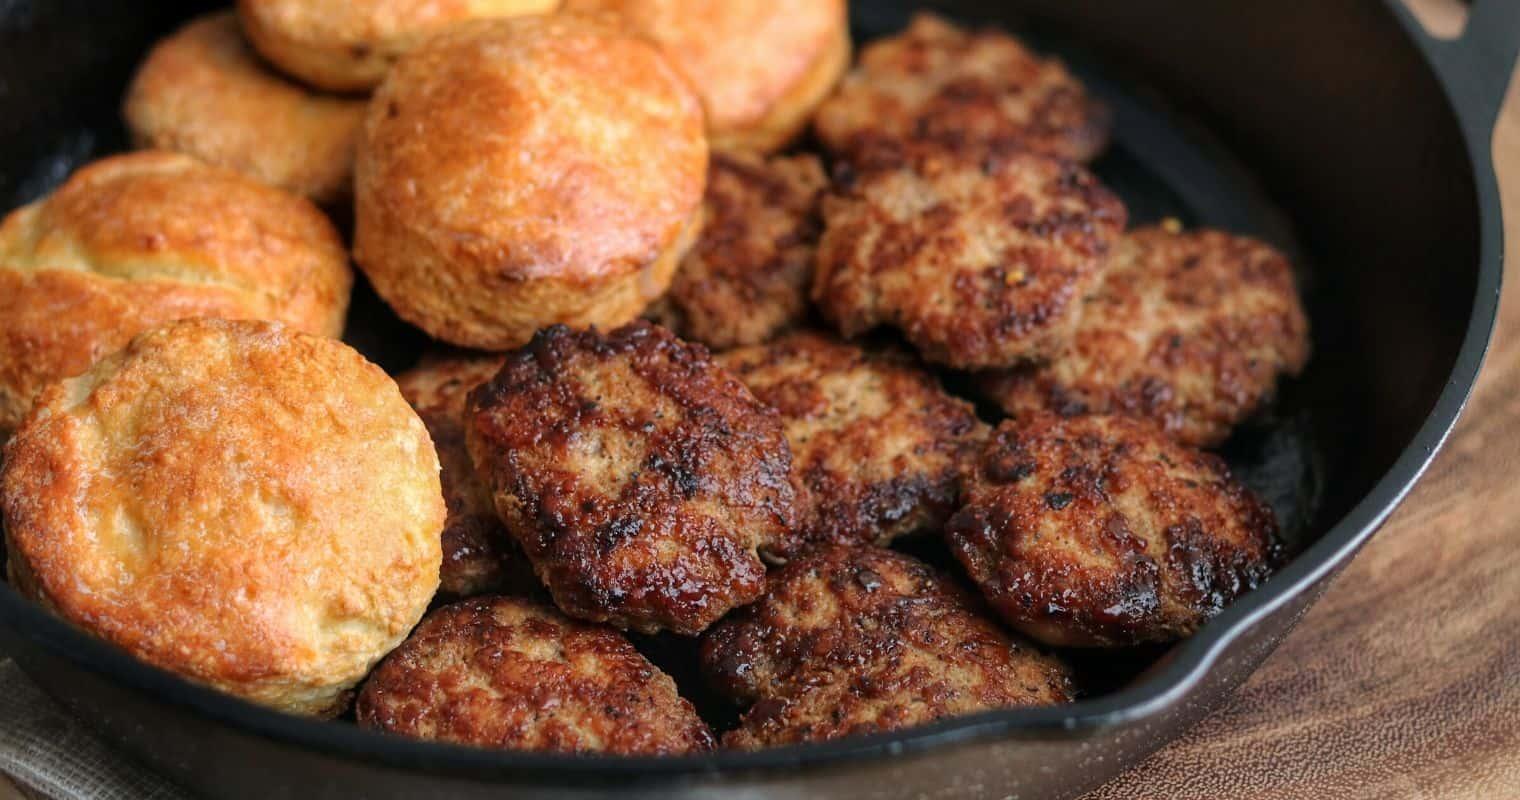 Homemade Chicken Breakfast Sausage